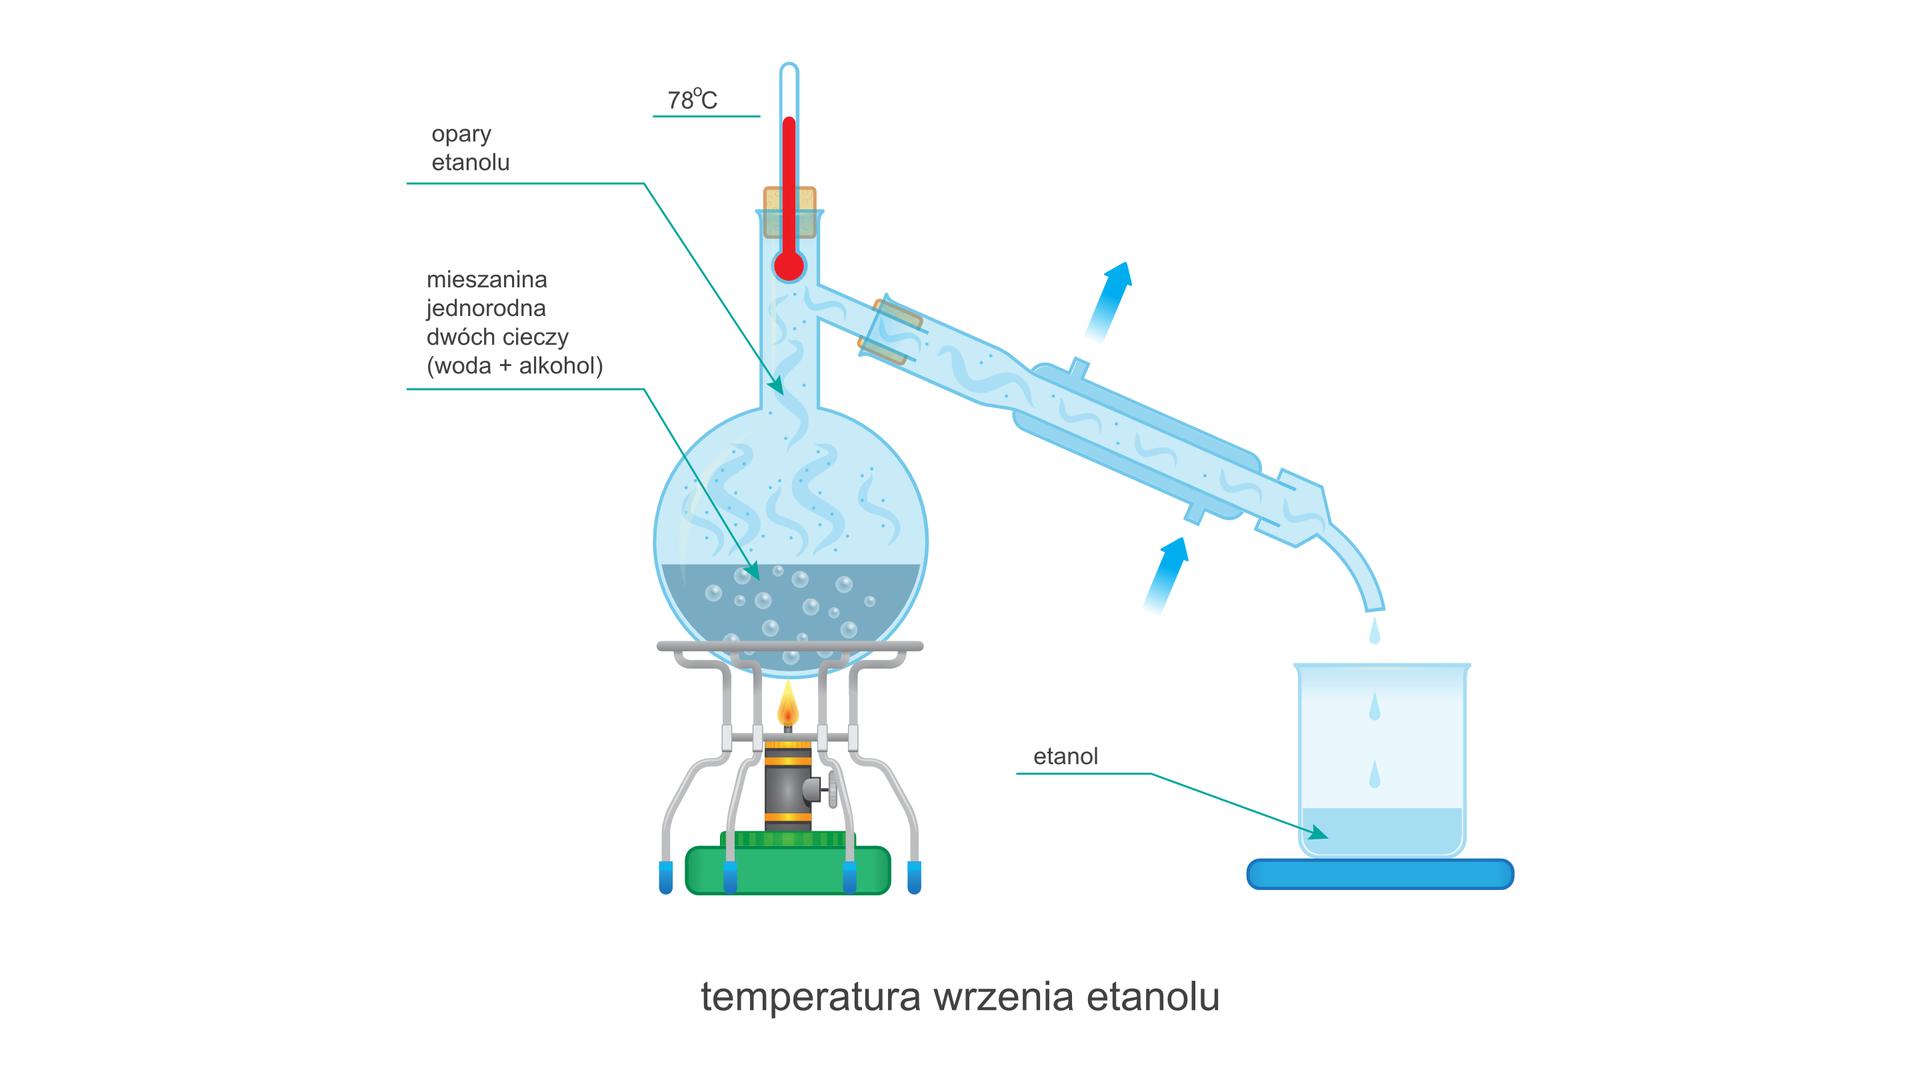 Ilustracja przedstawia zestaw do destylacji zwłączonym palnikiem. Termometr wkolbie wskazuje temperaturę 78 stopni Celsjusza, zawartość kolby podpisana jest mieszanina jednorodna dwóch cieczy (woda + alkohol), aopary wkolbie ichłodnicy podpisane są jako: opary etanolu. Przy przyłączach wody wkolbie znajdują się strzałki określające kierunek przepływu wody. Dolne przyłącze pełni rolę wlotu, agórne wylotu. Zkońca wylotowego chłodnicy do zlewki kapią krople cieczy zbierającej się wzlewce. Płyn ten oznaczony jest jako: etanol. Cały rysunek nosi podpis: temperatura wrzenia etanolu.